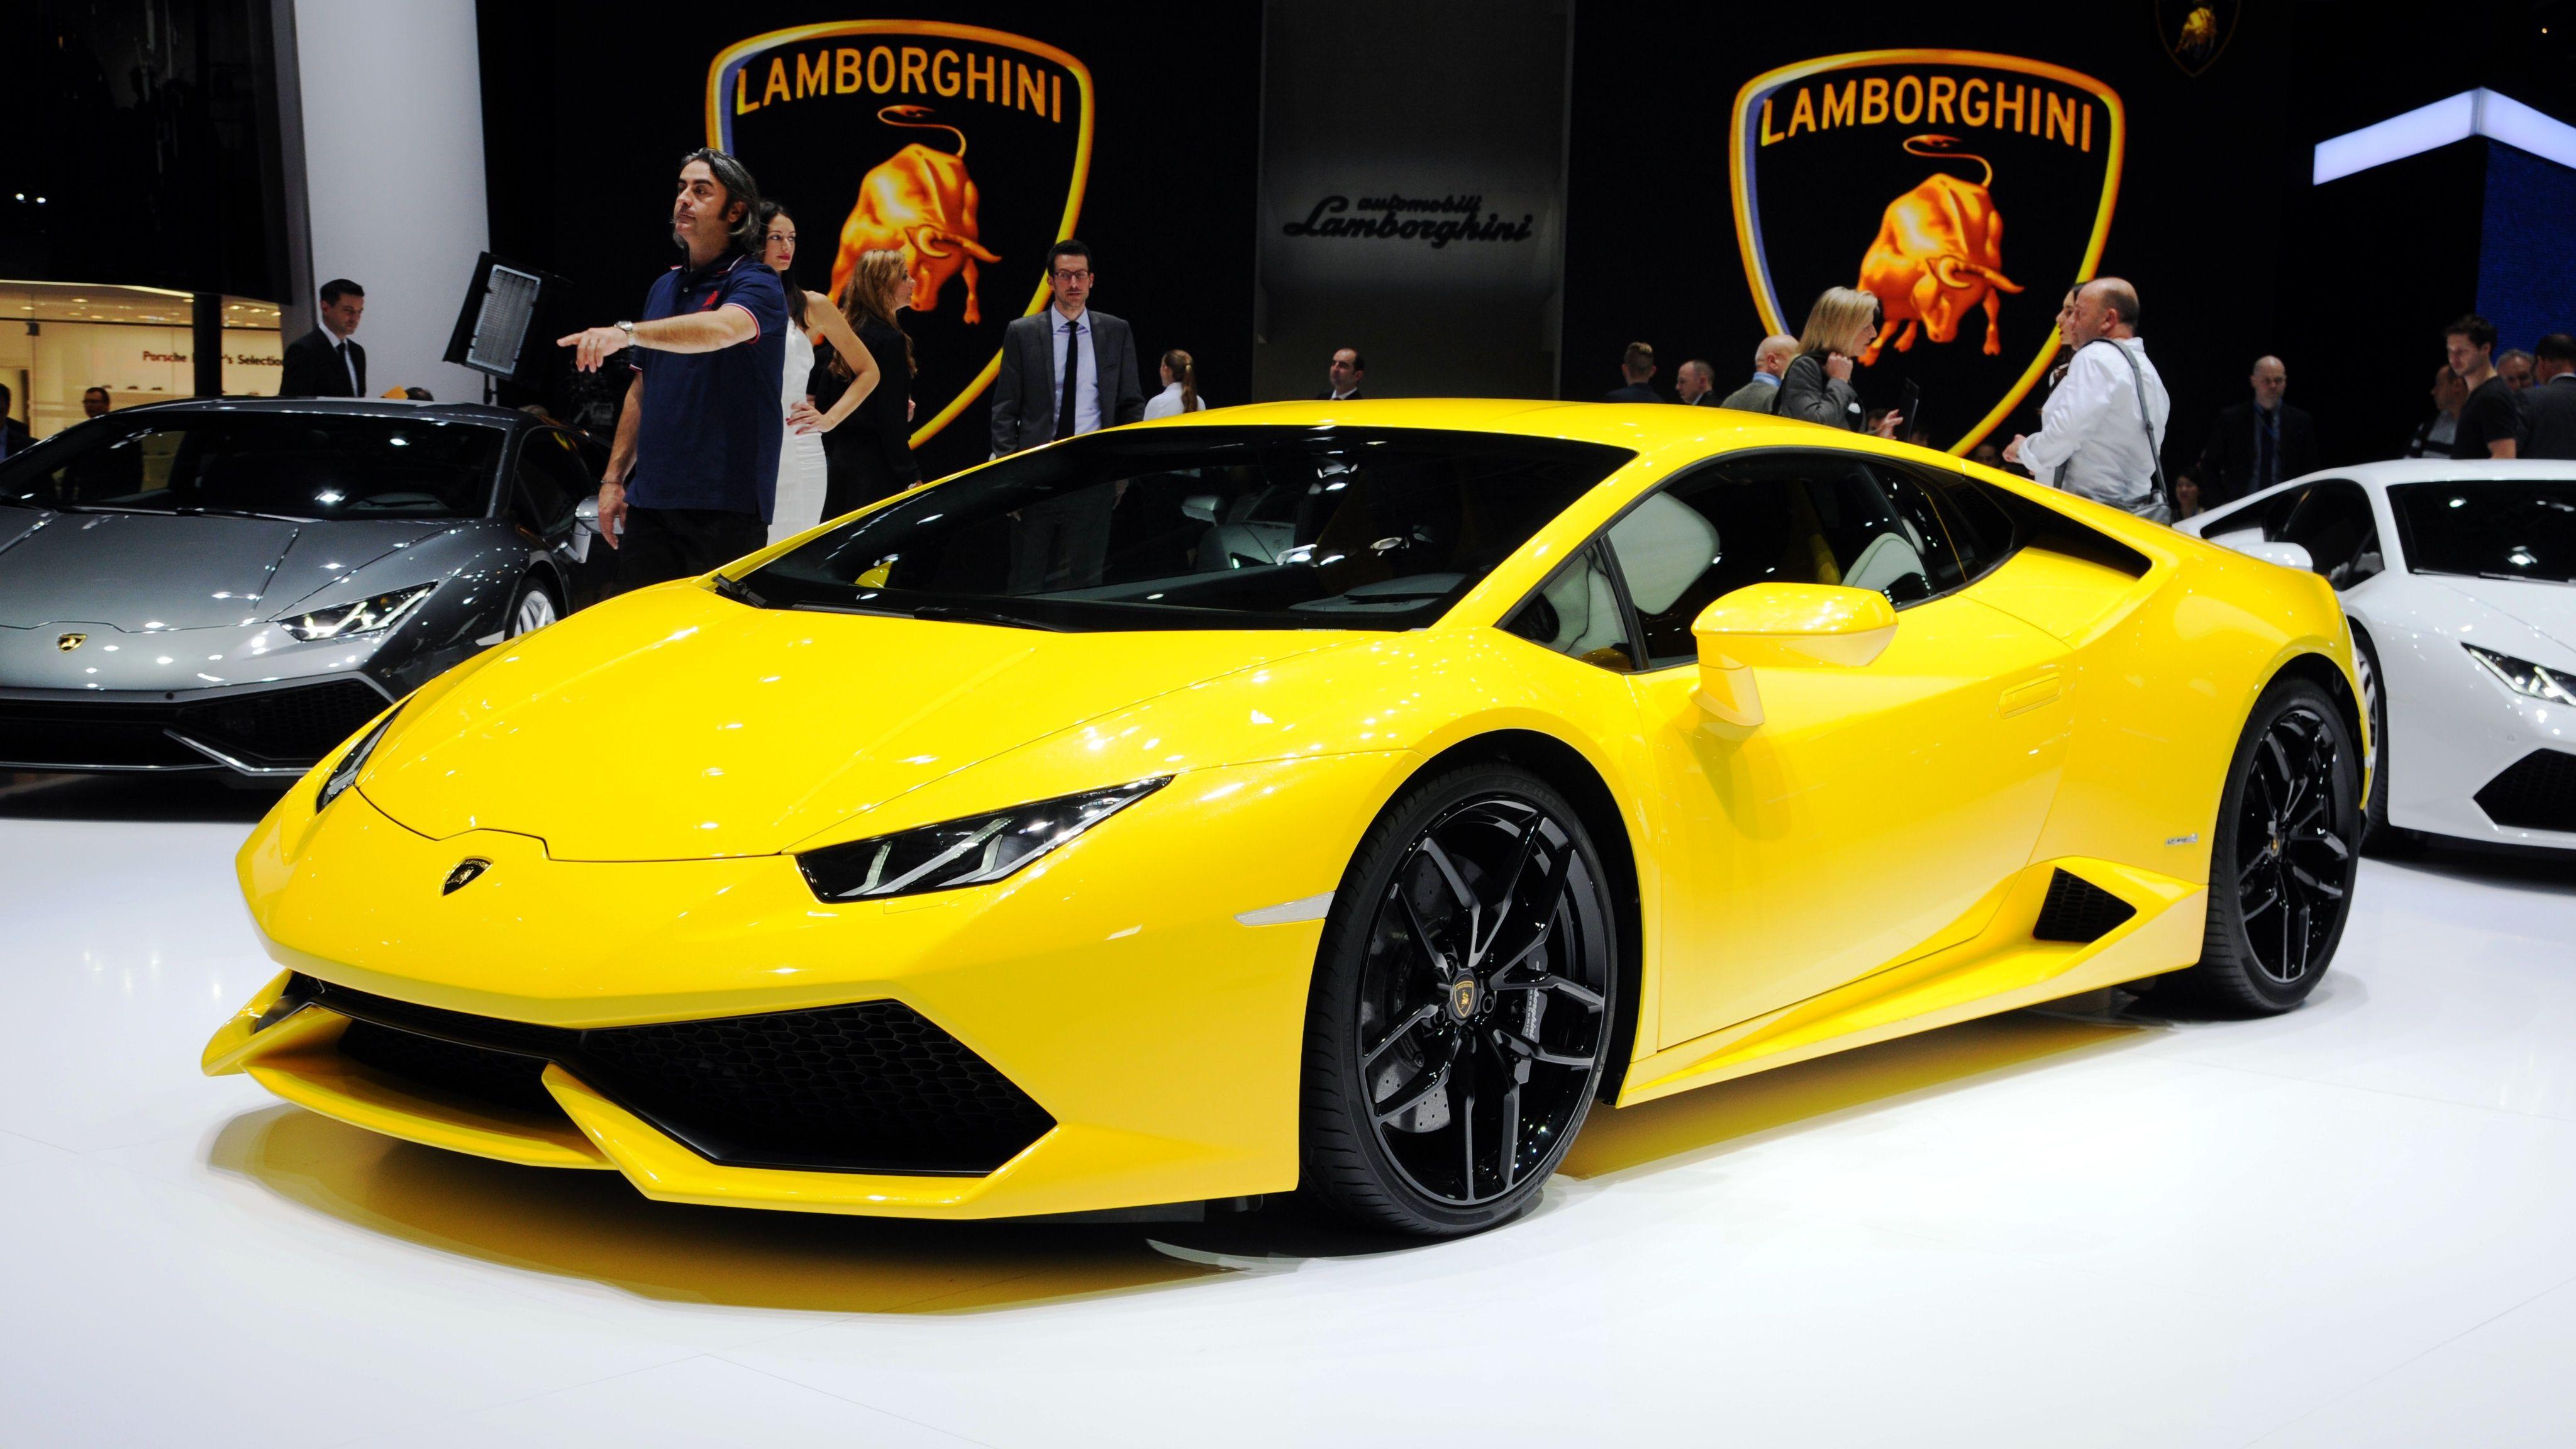 955105c6f462a9c5d02b2919476da68d Marvelous Lamborghini Huracan Price In Uae Cars Trend